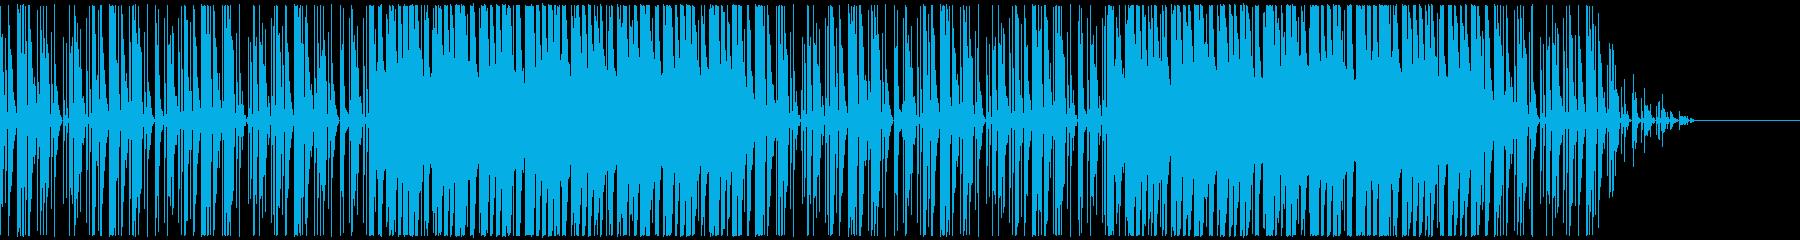 作業中・考え中のシーンに適したBGMの再生済みの波形